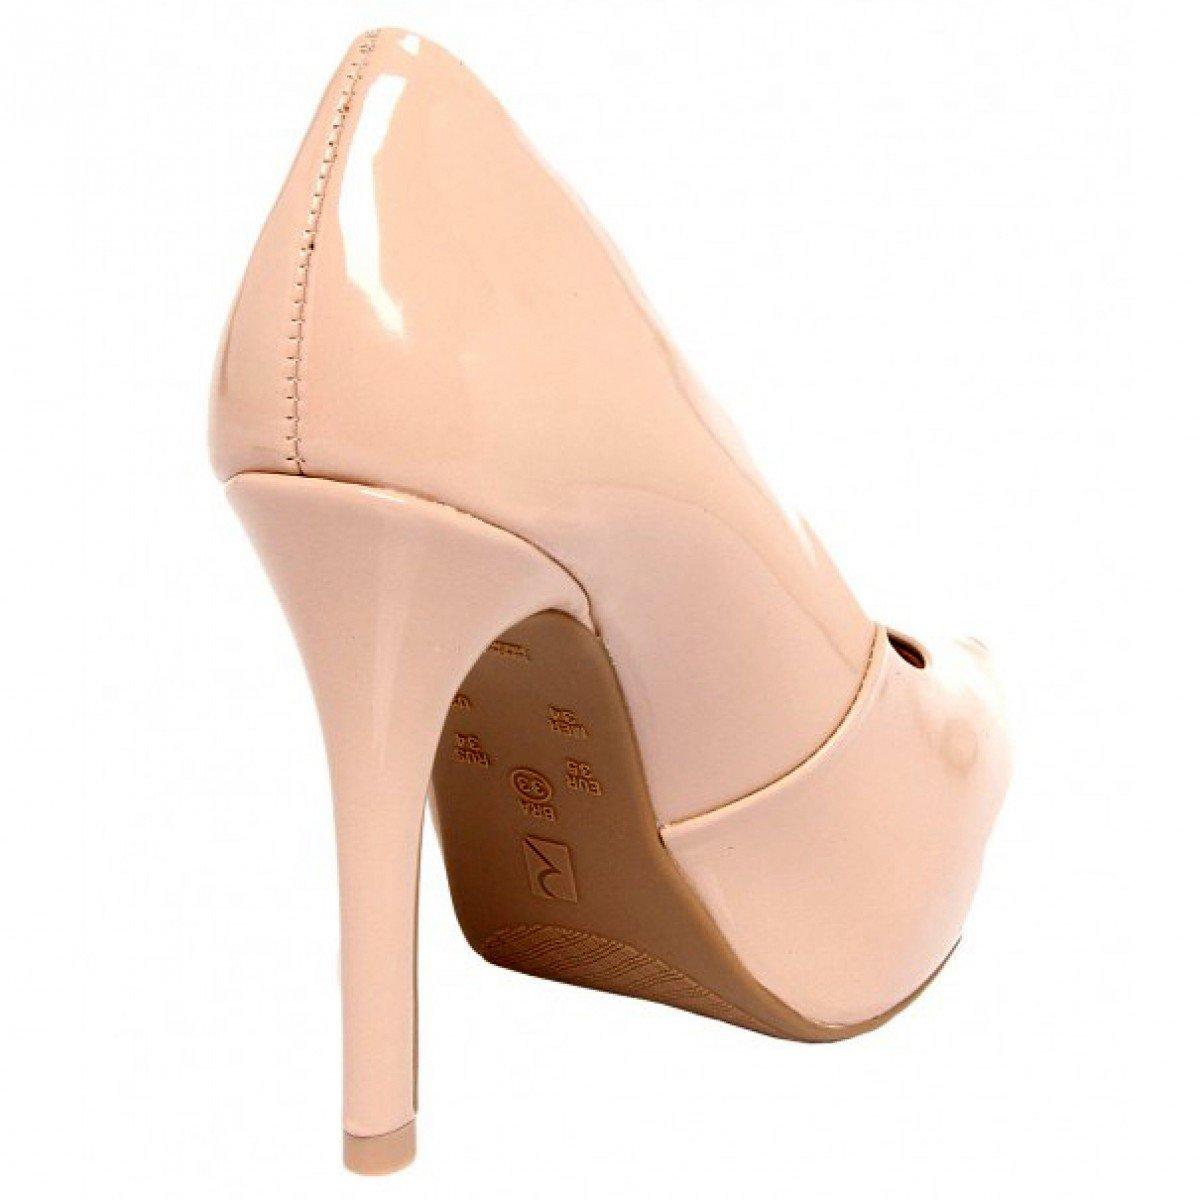 97ca19a158 Sapato Feminino Ramarim Tubarão Nude - Compre Agora